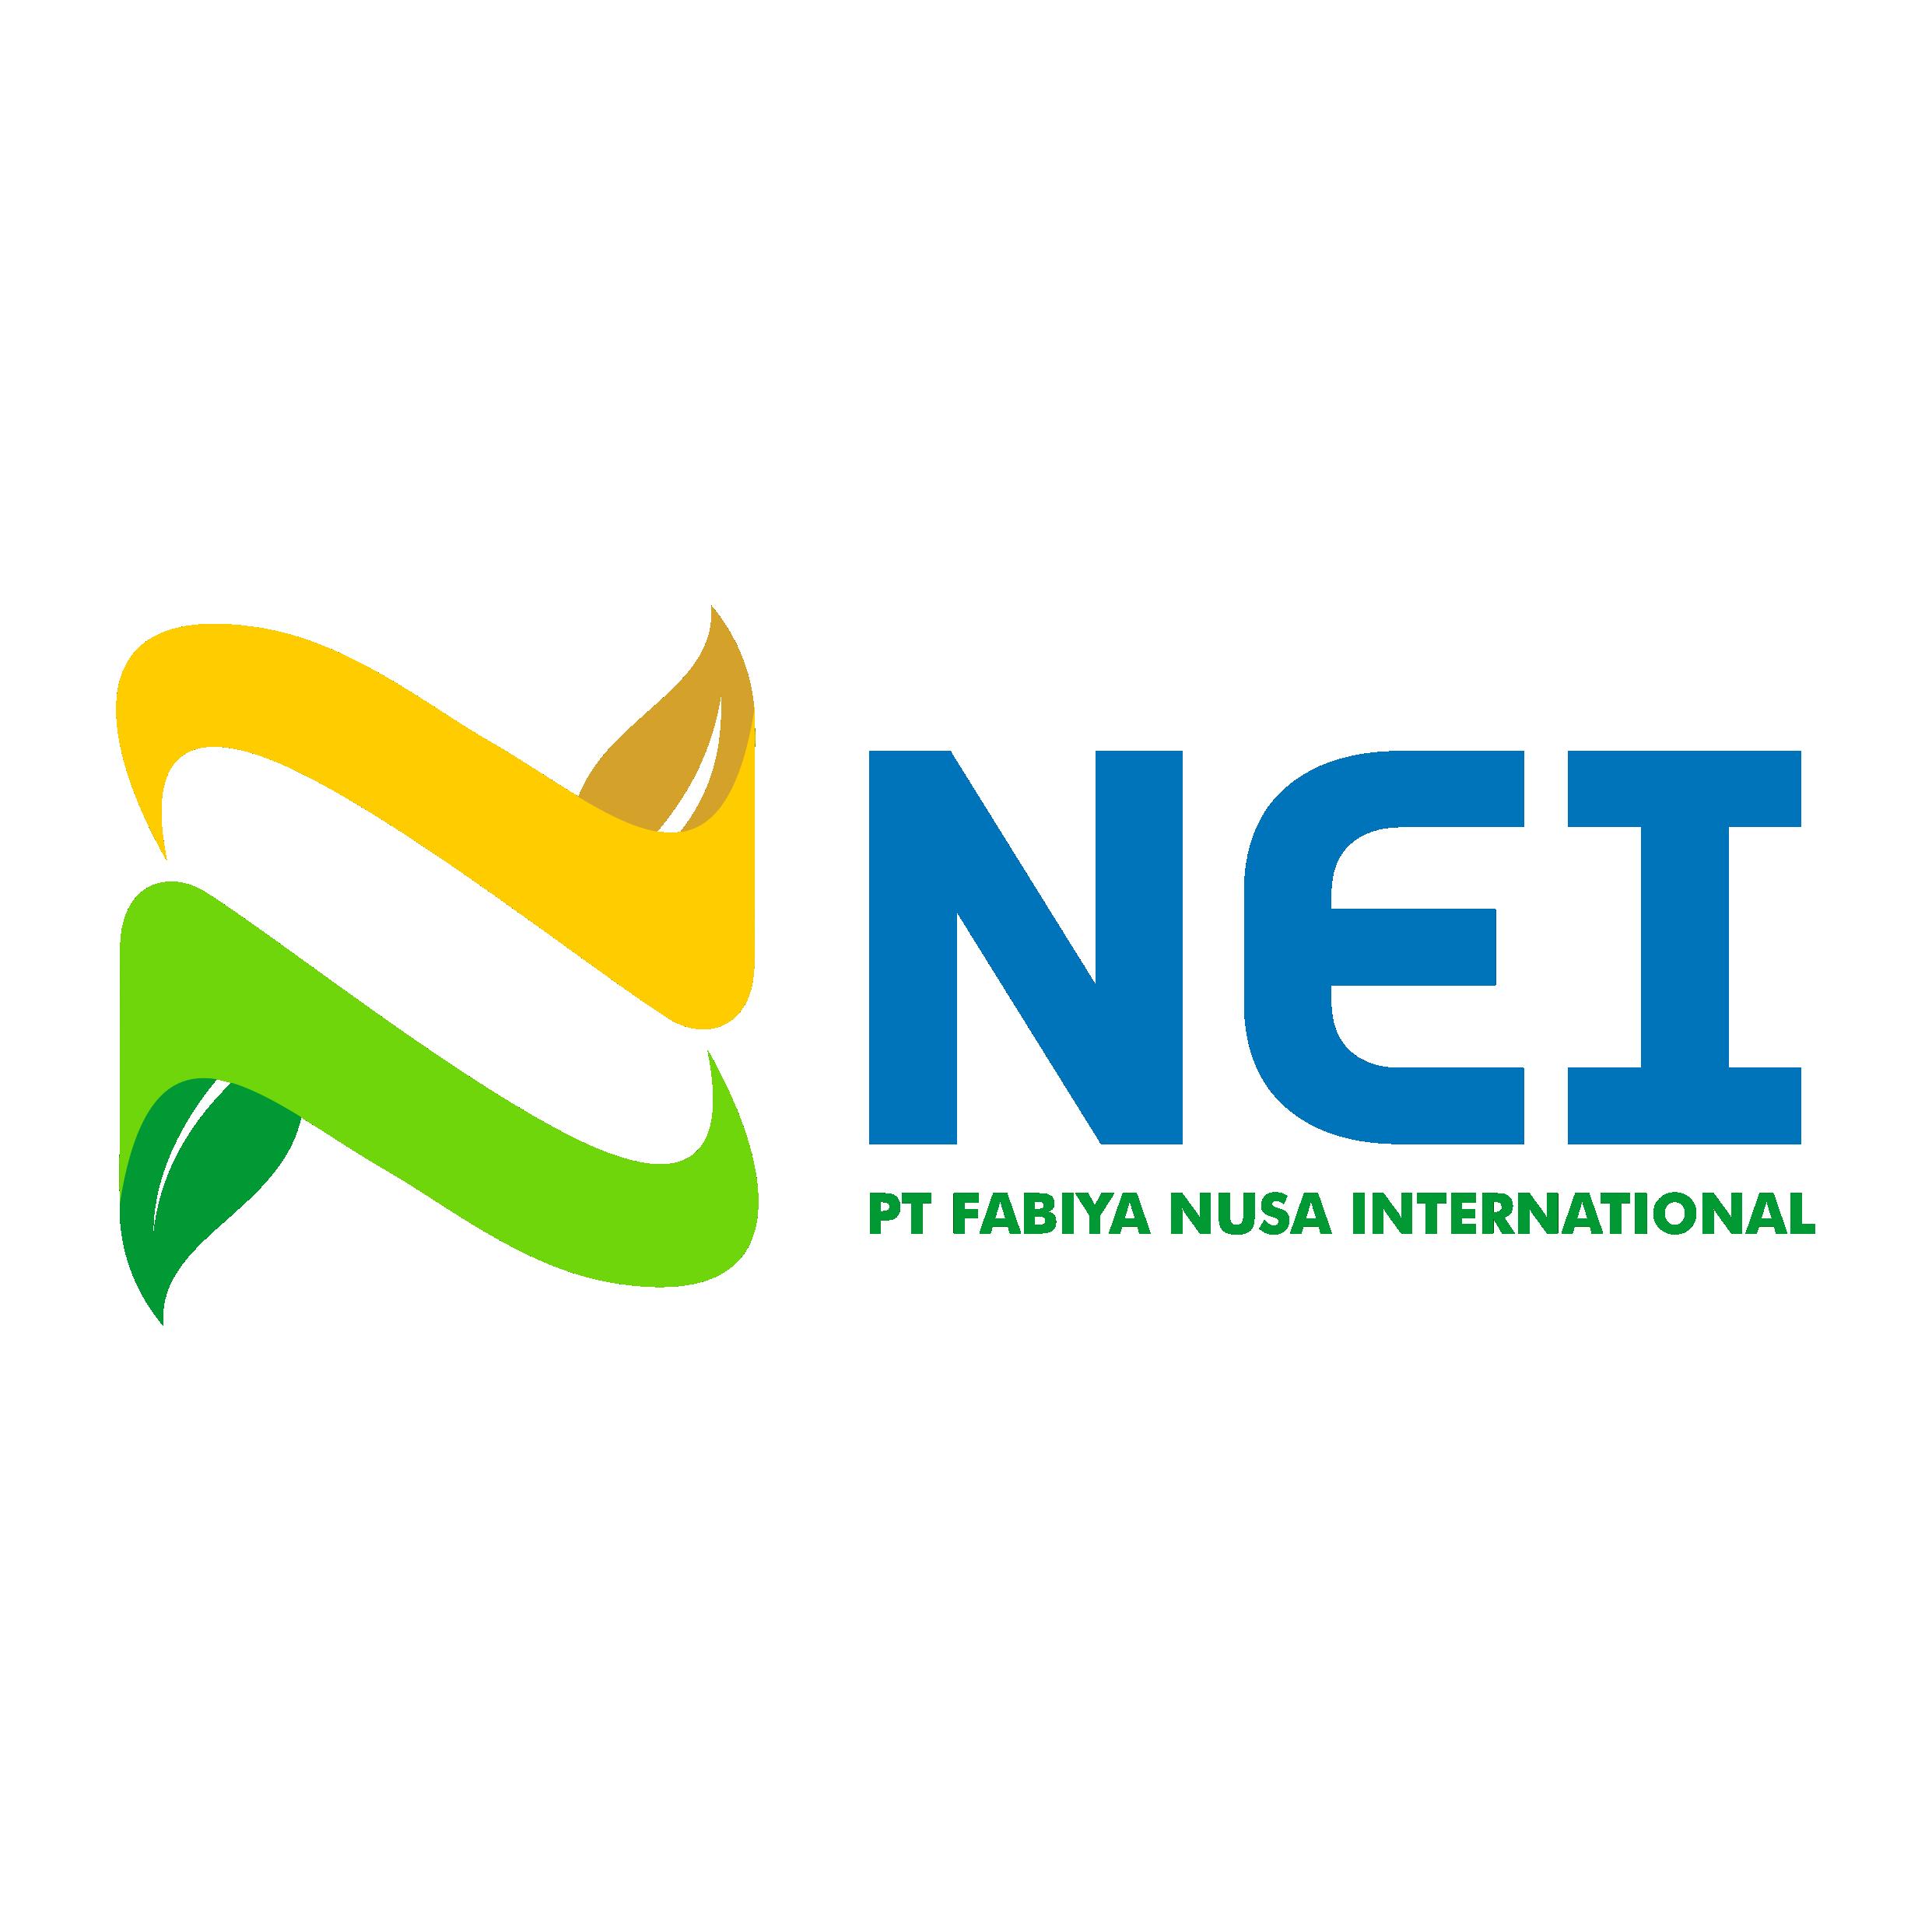 PT Fabiya Nusa International